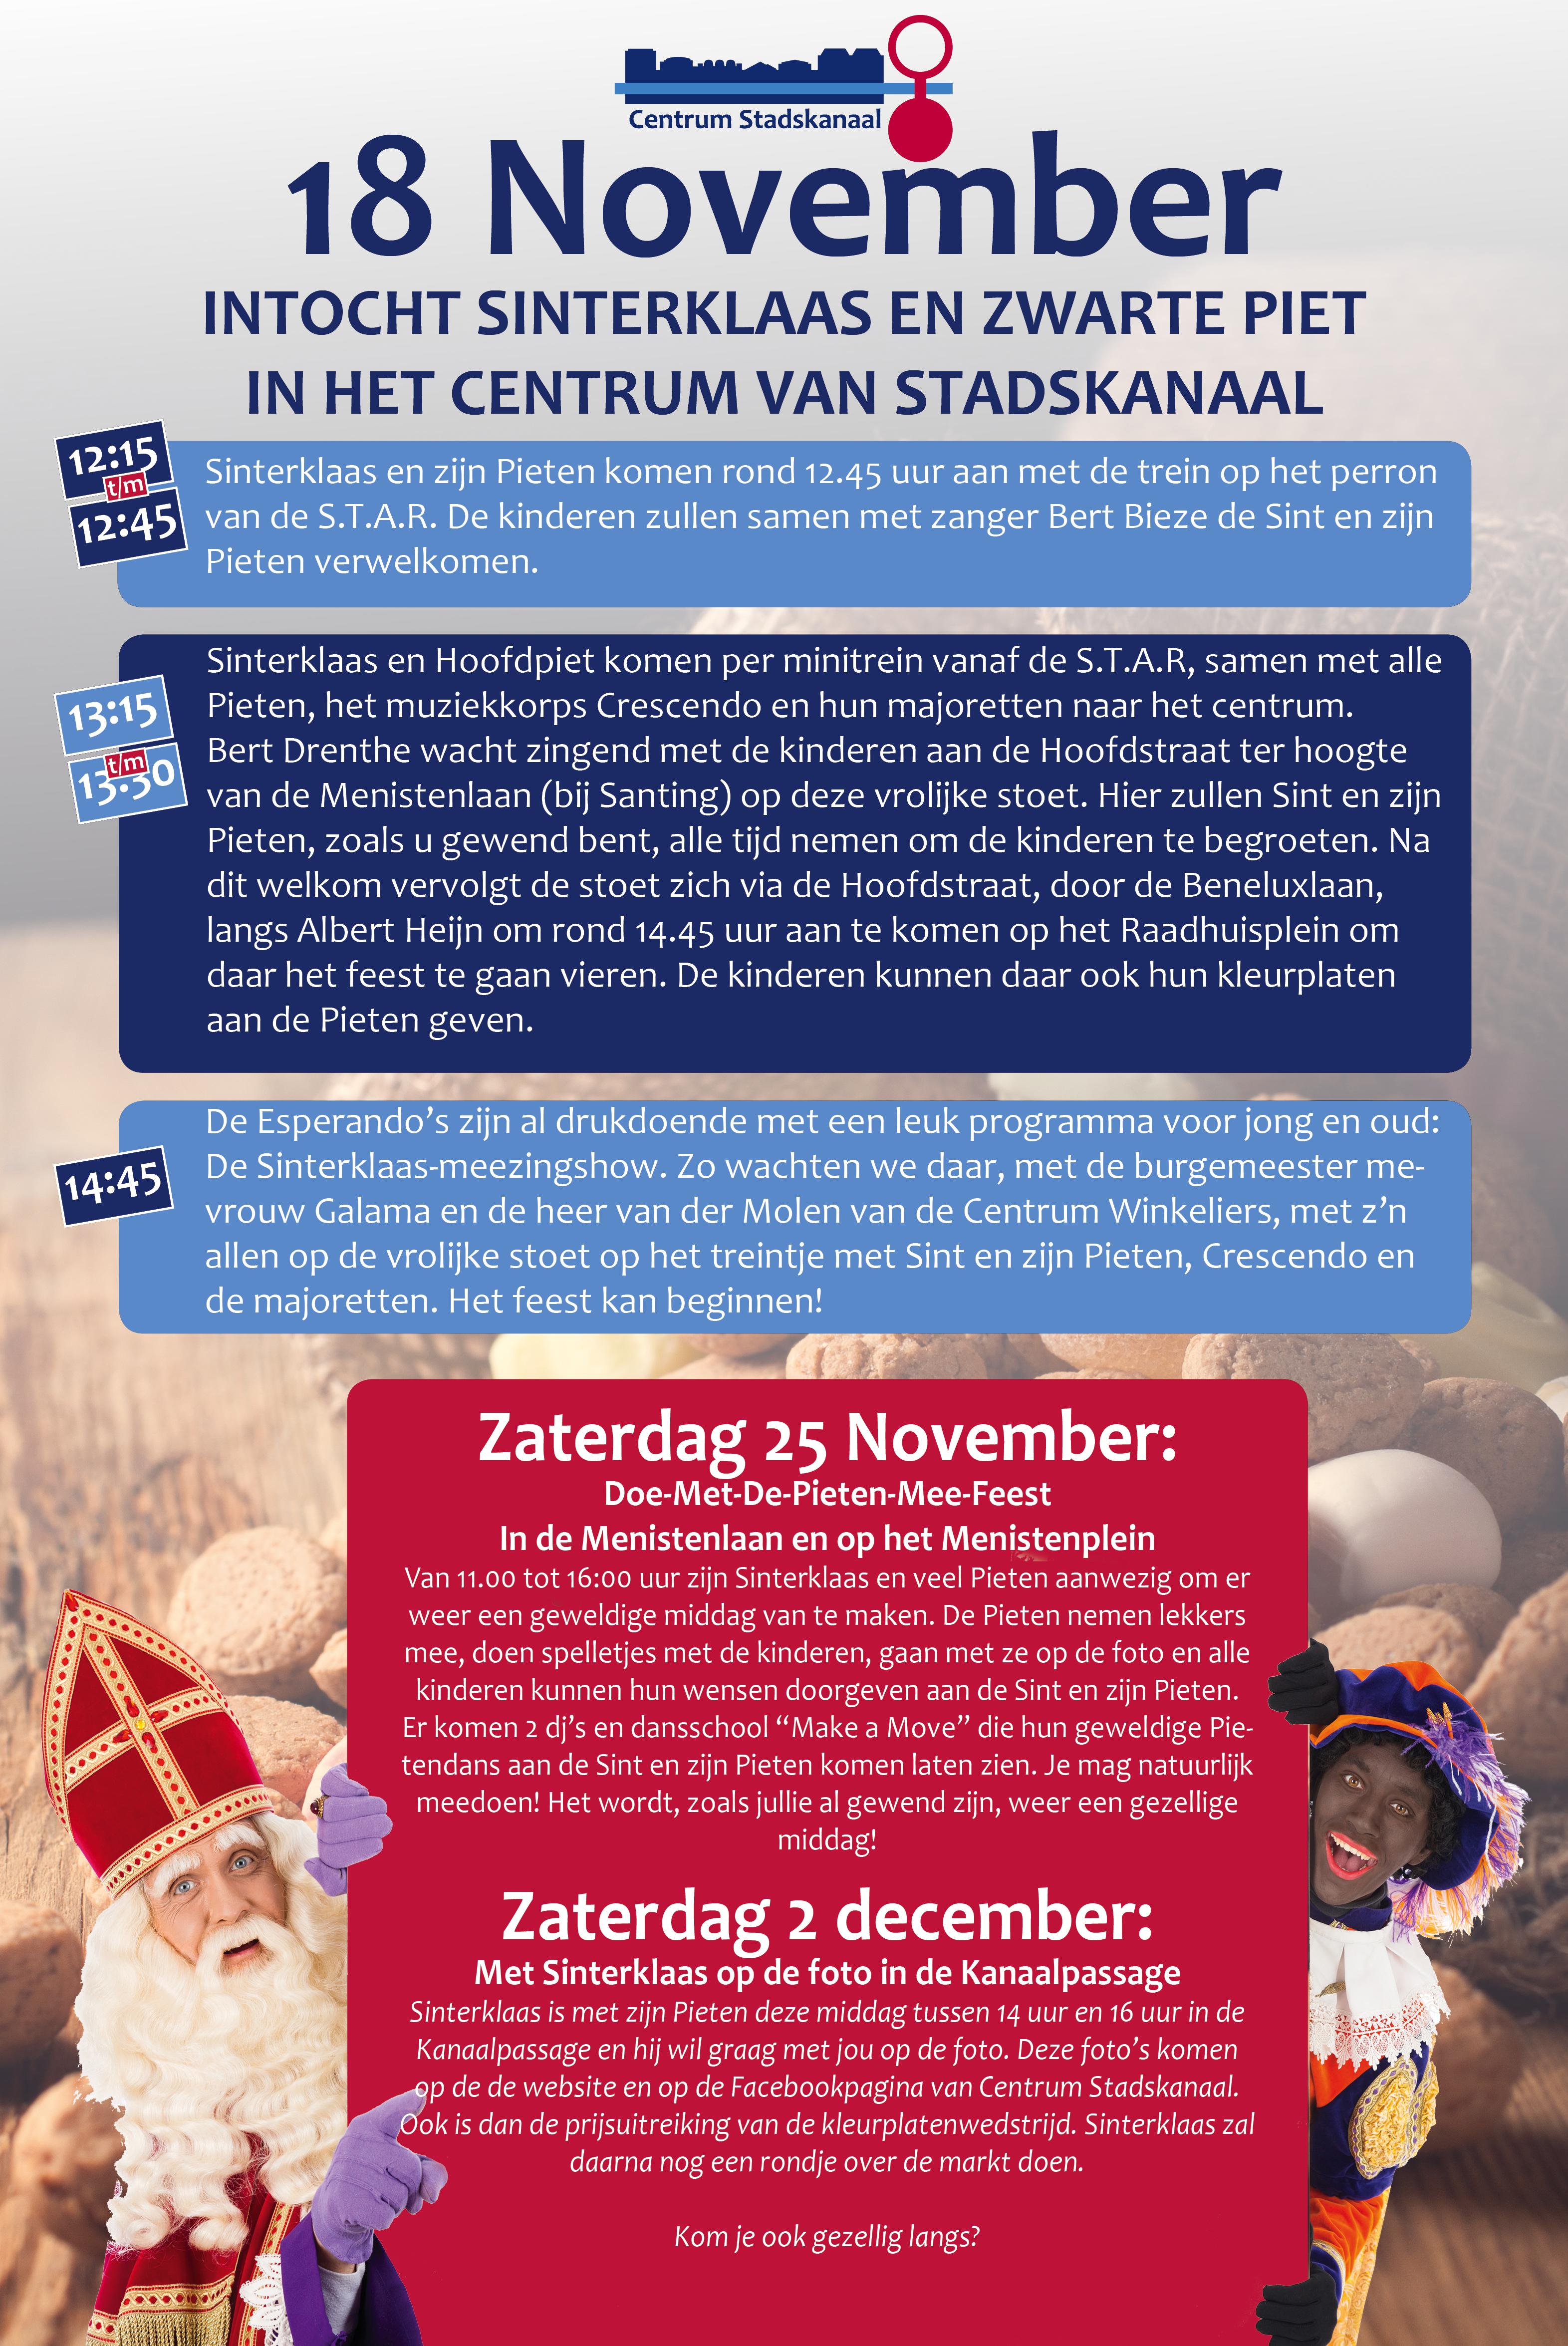 Sinterklaas Intocht Centrum Stadskanaal